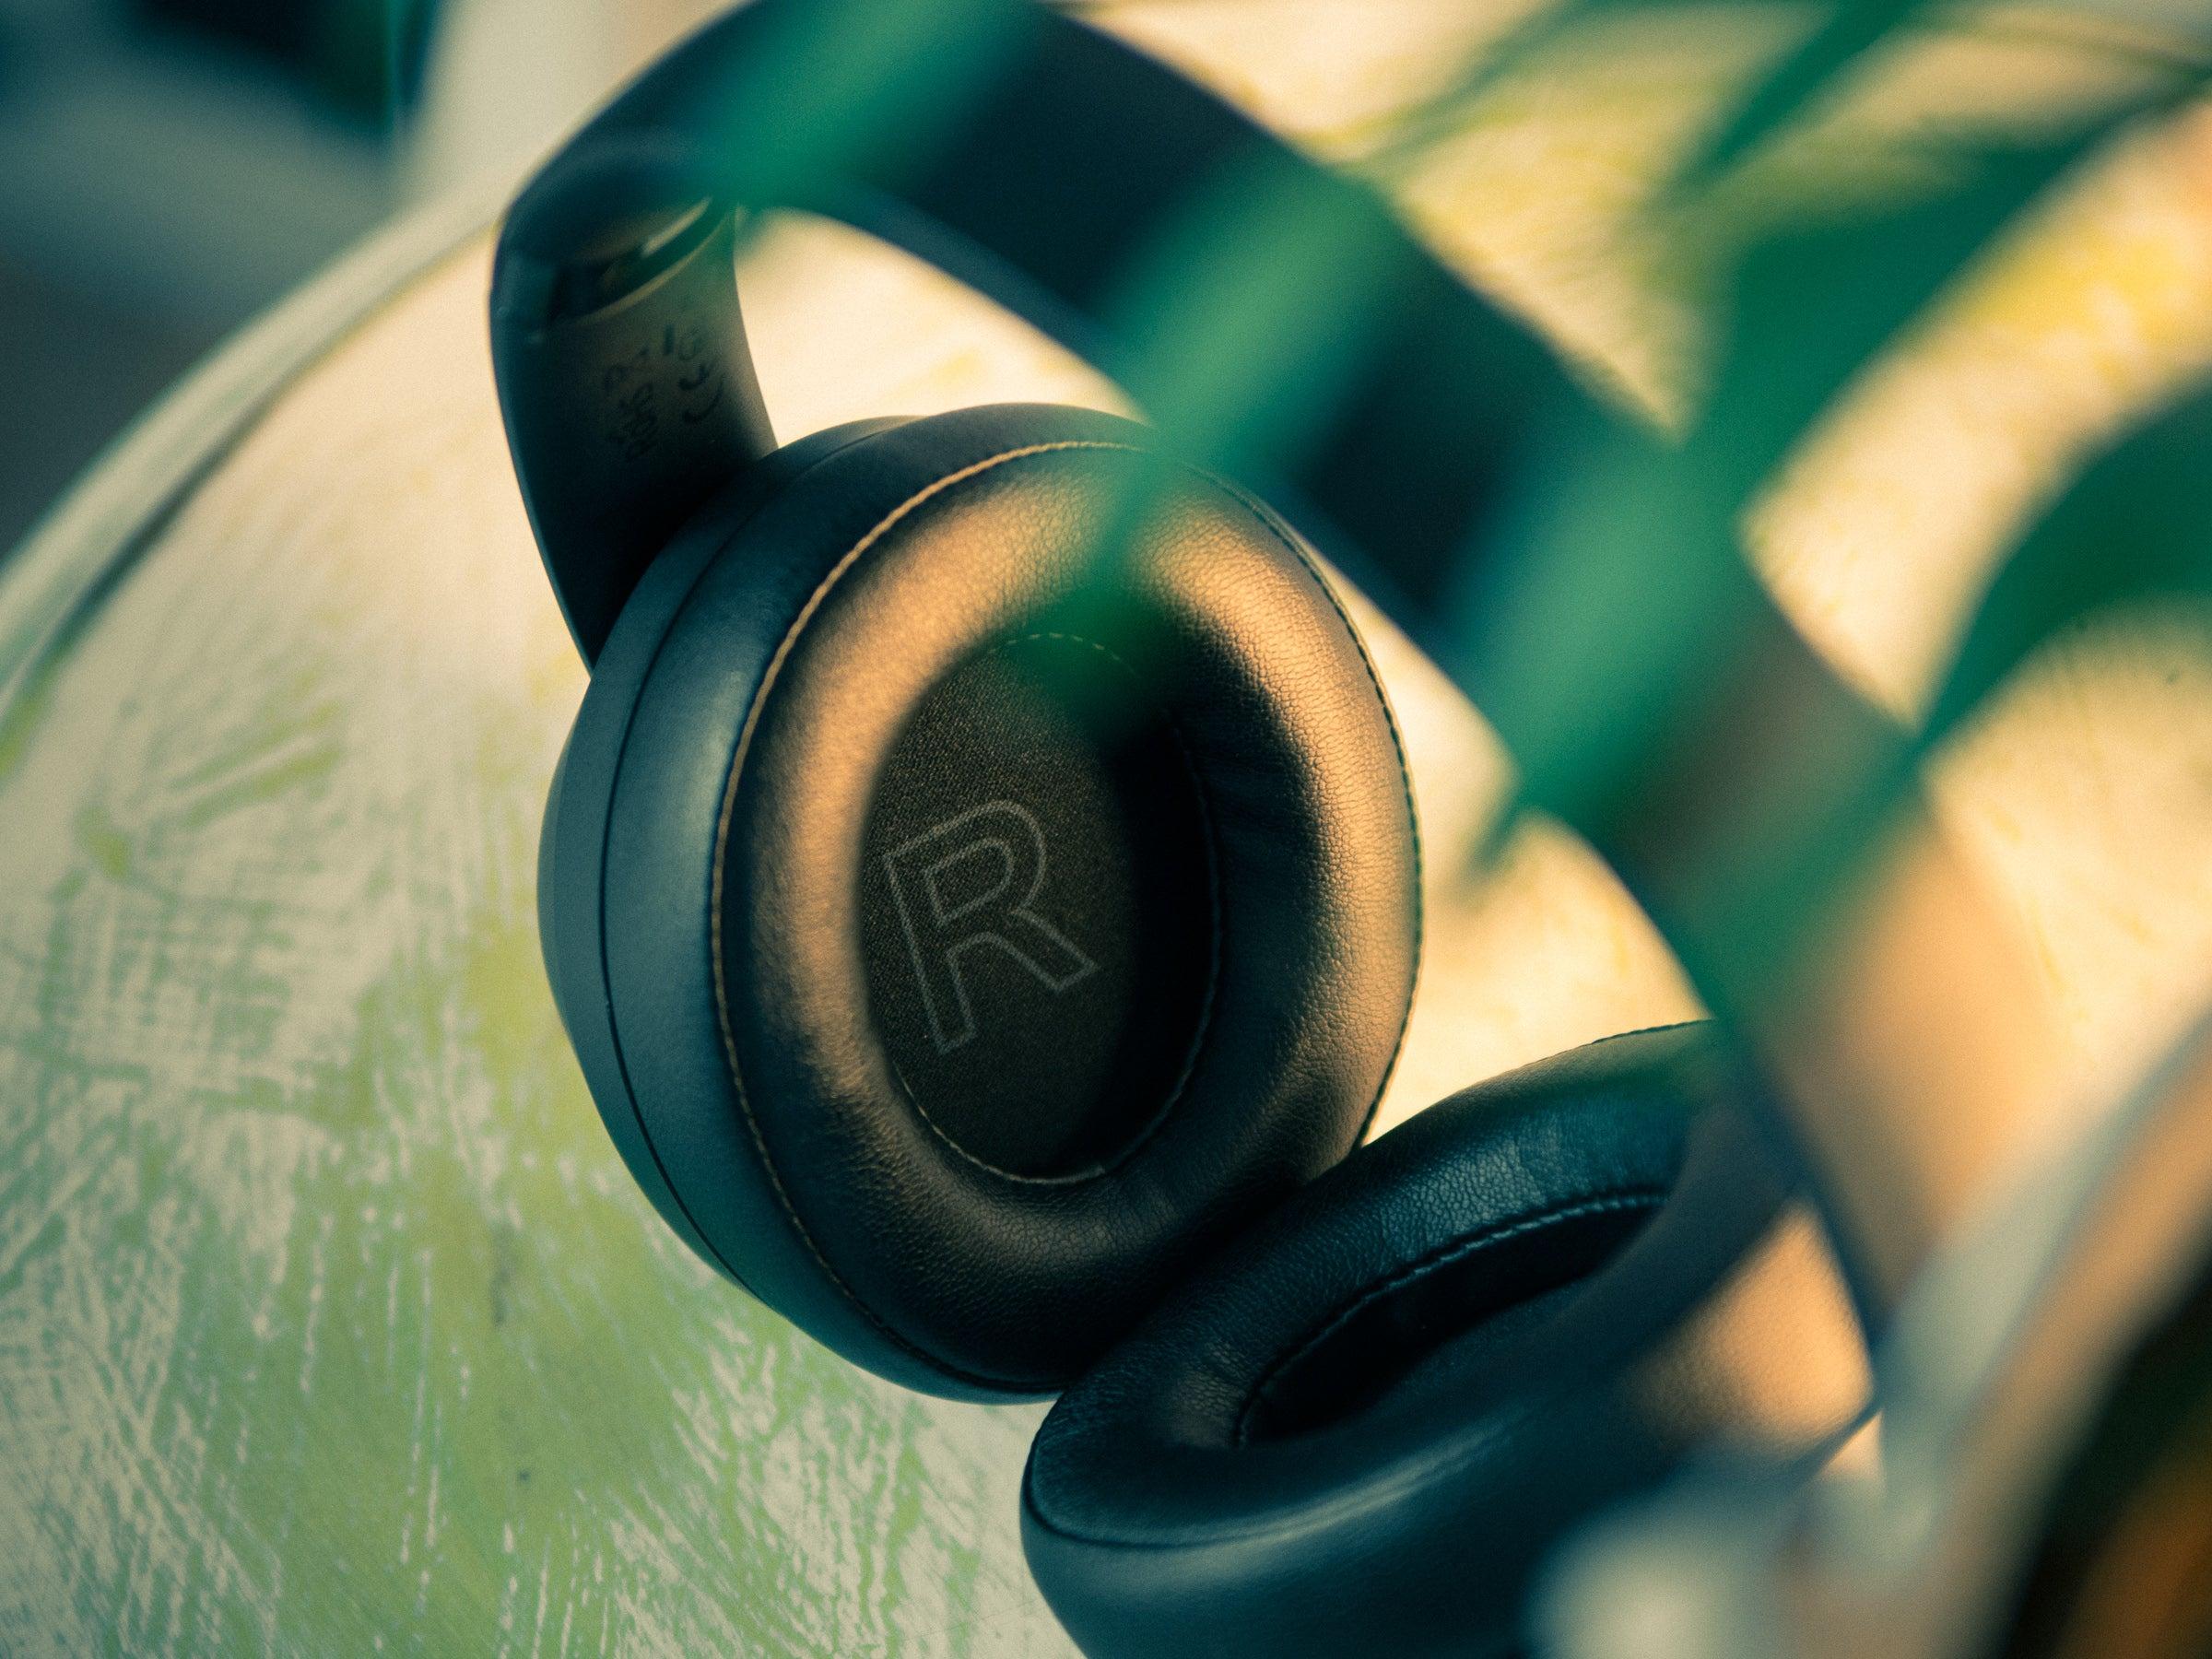 Die Verarbeitungsqualität der Kopfhörer ist gut, der Bügel drückt jedoch zu sehr